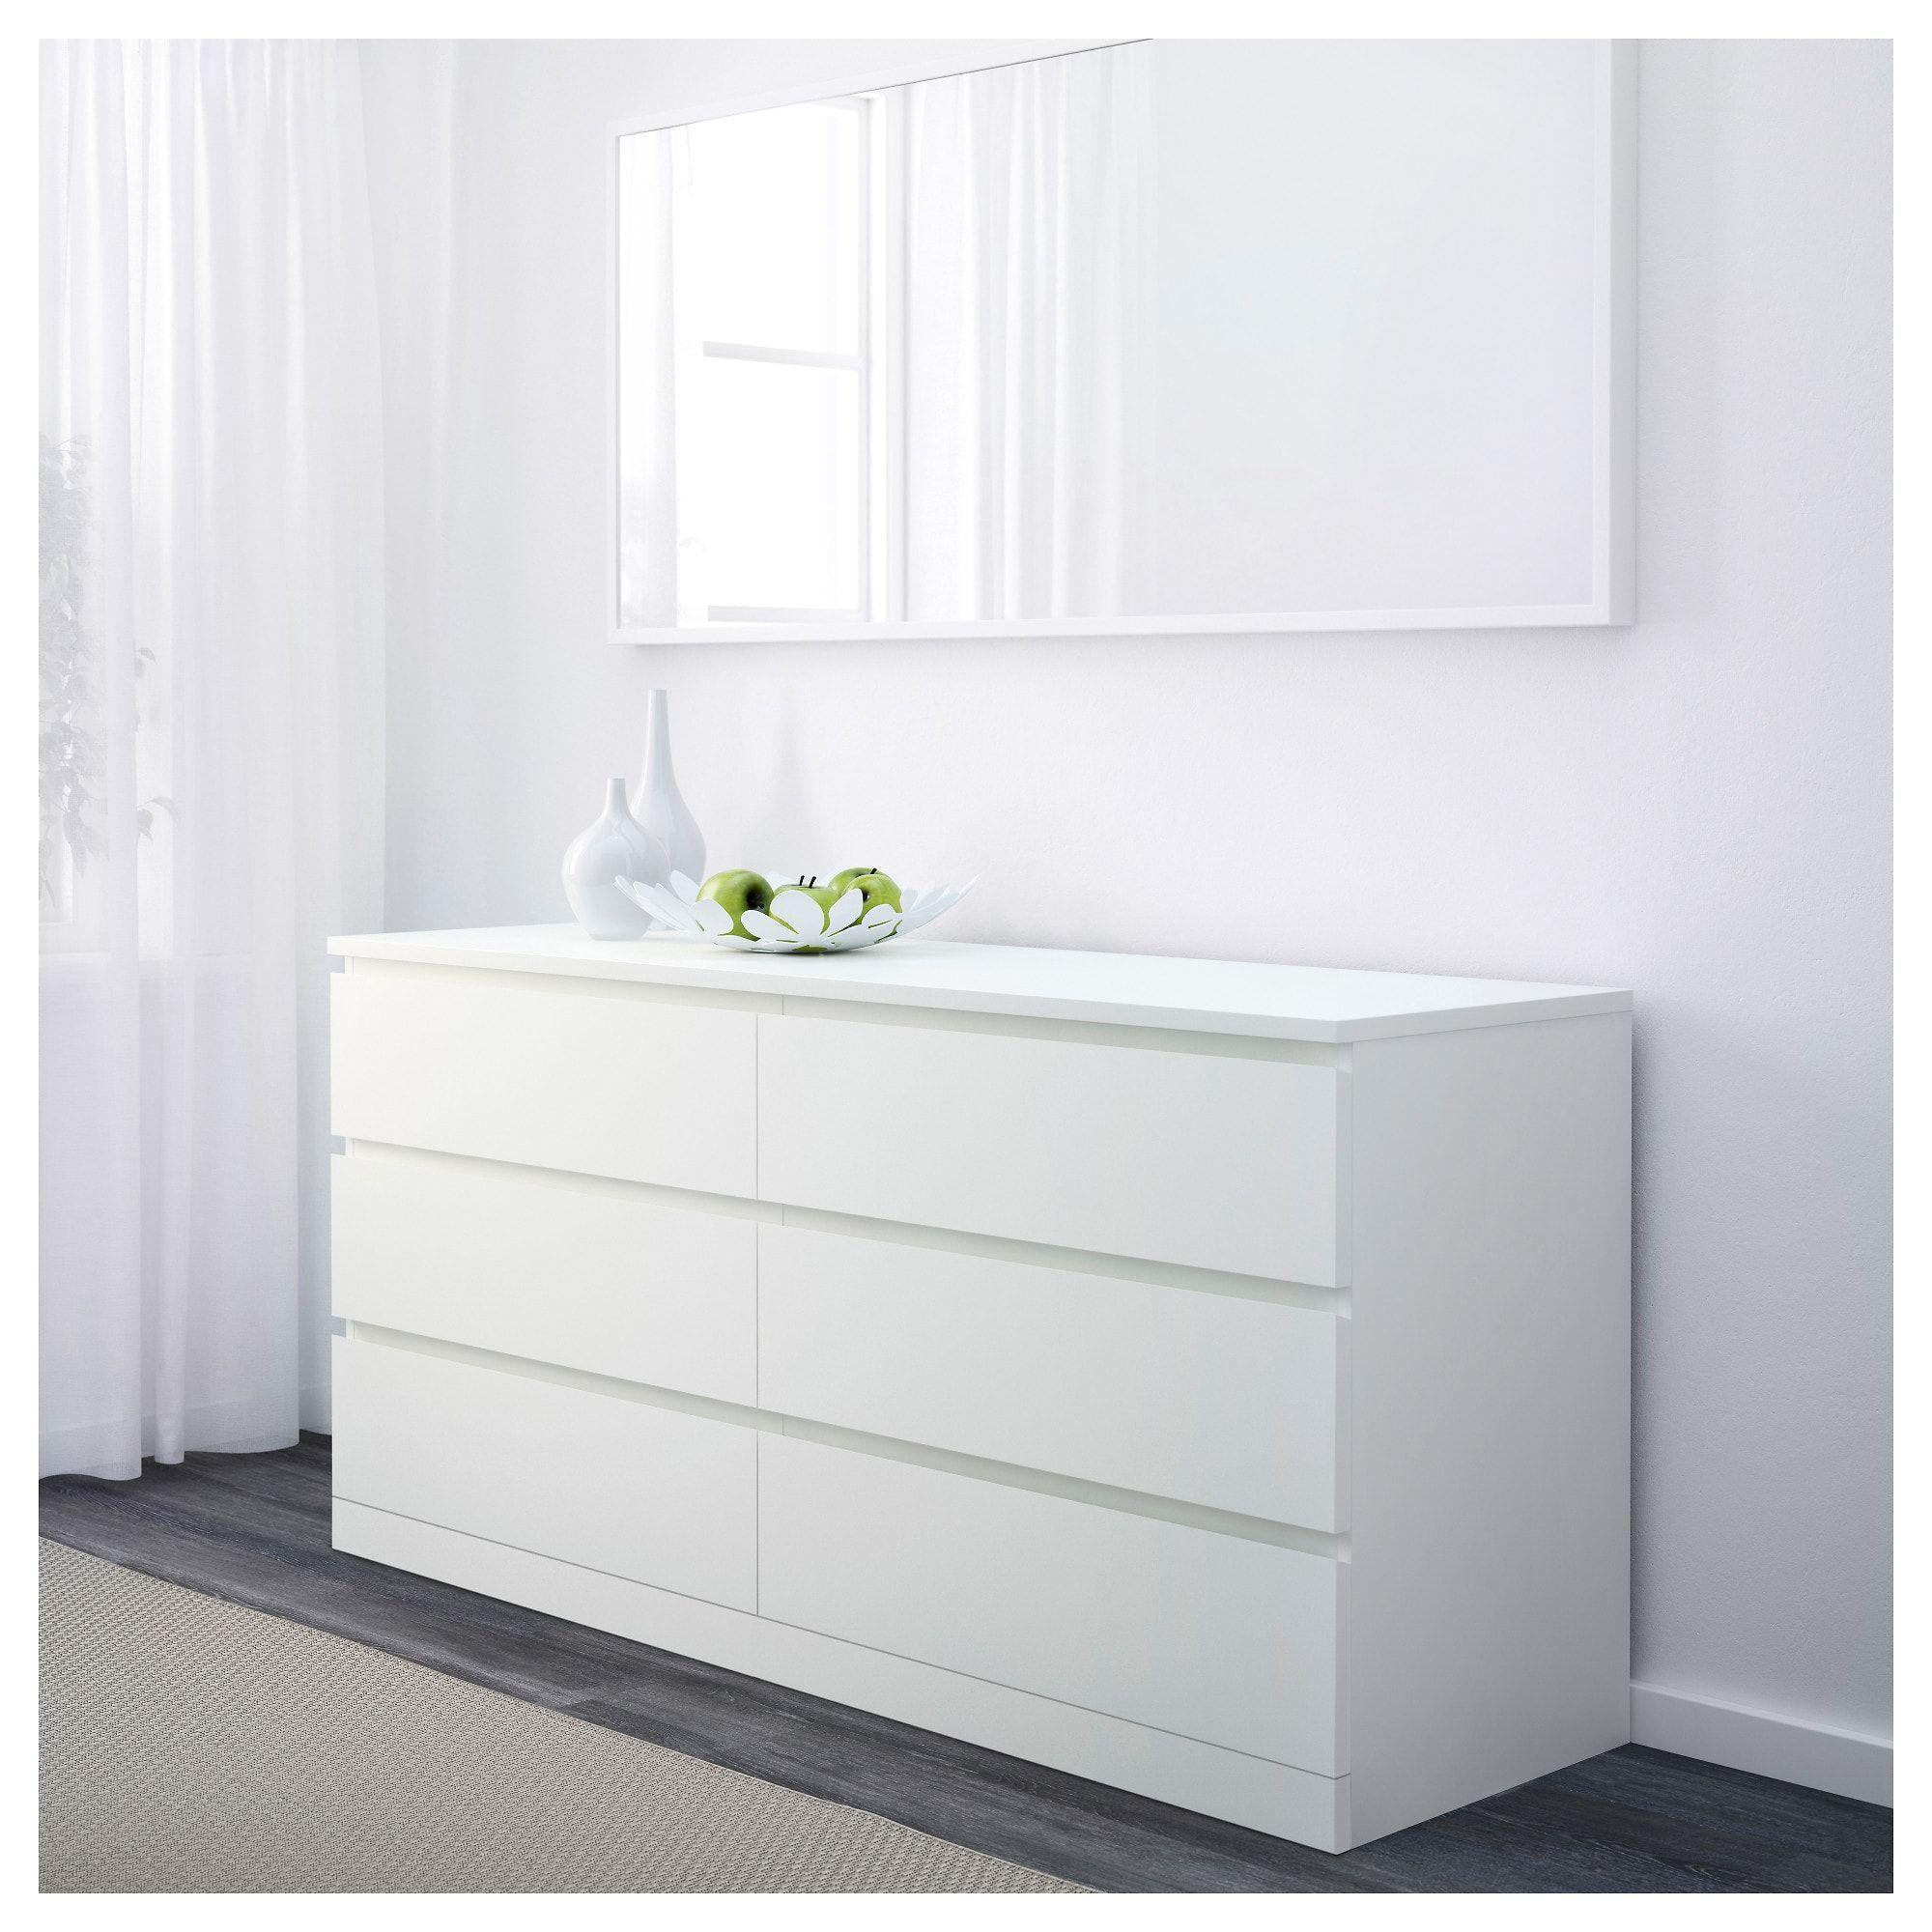 Malm 6 Drawer Dresser White Stained Oak Veneer 63x30 3 4